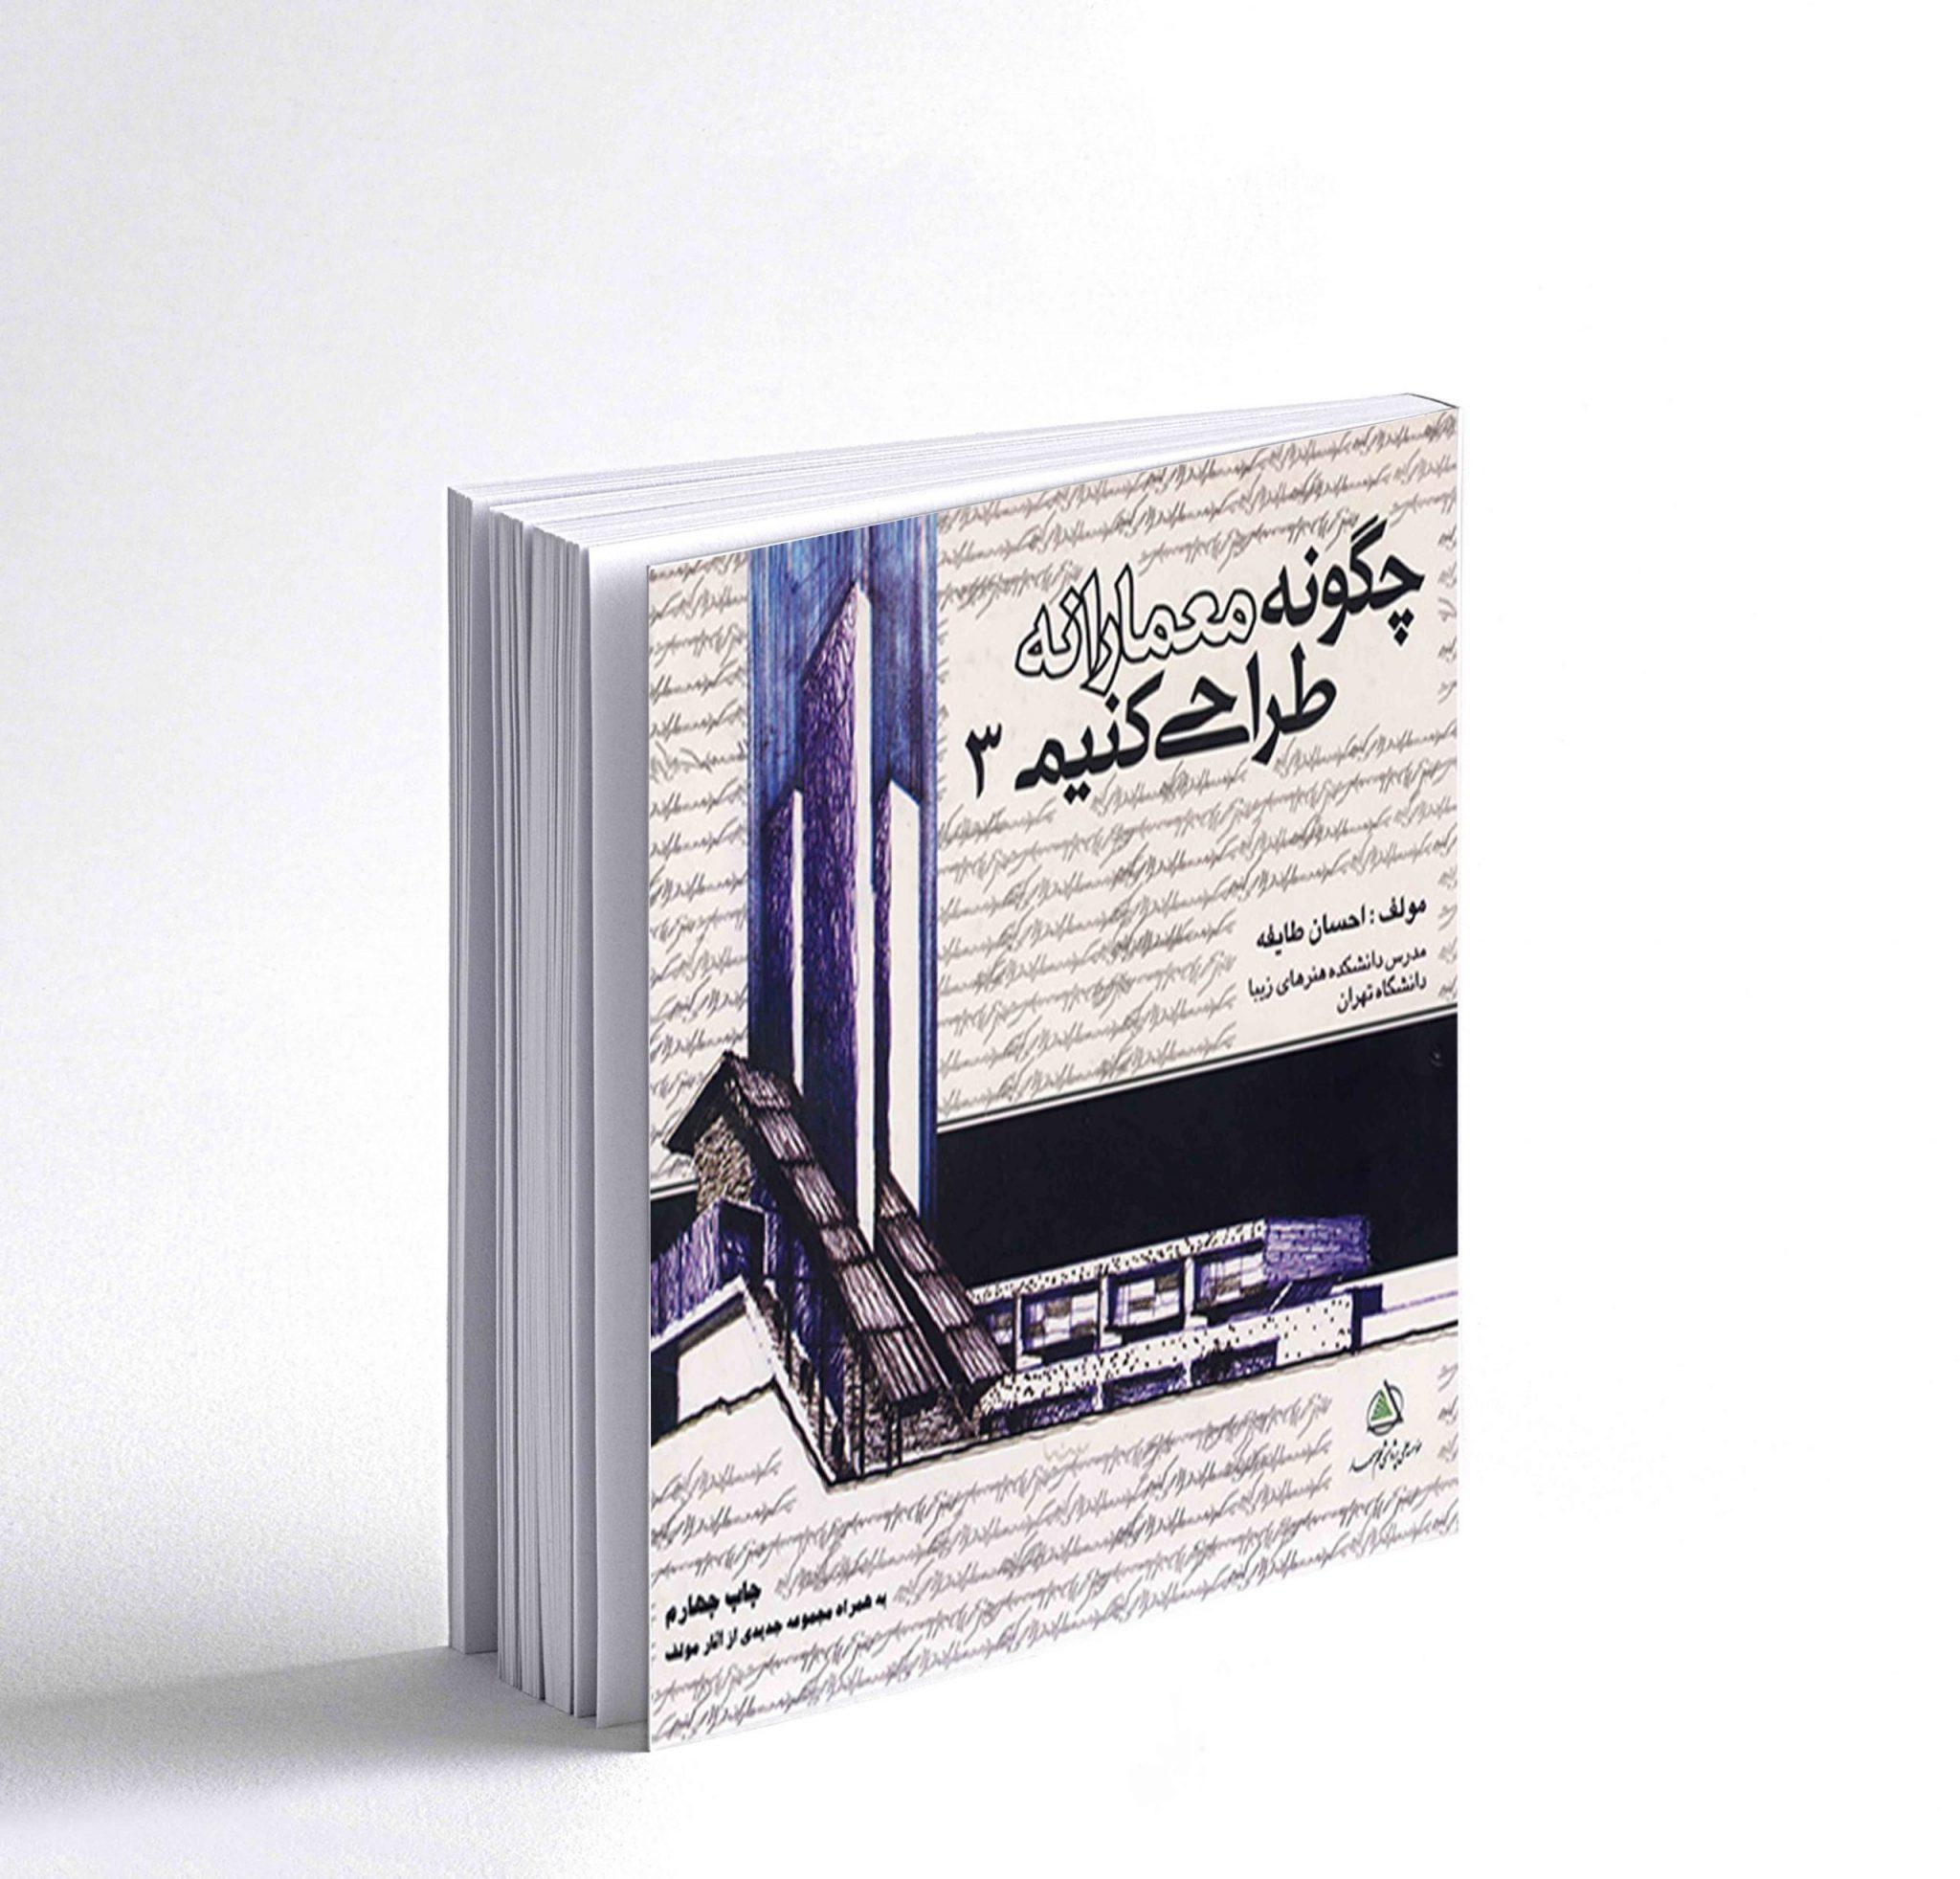 احسان طایفه کتاب چگونه معمارانه طراحی کنیم جلد 3